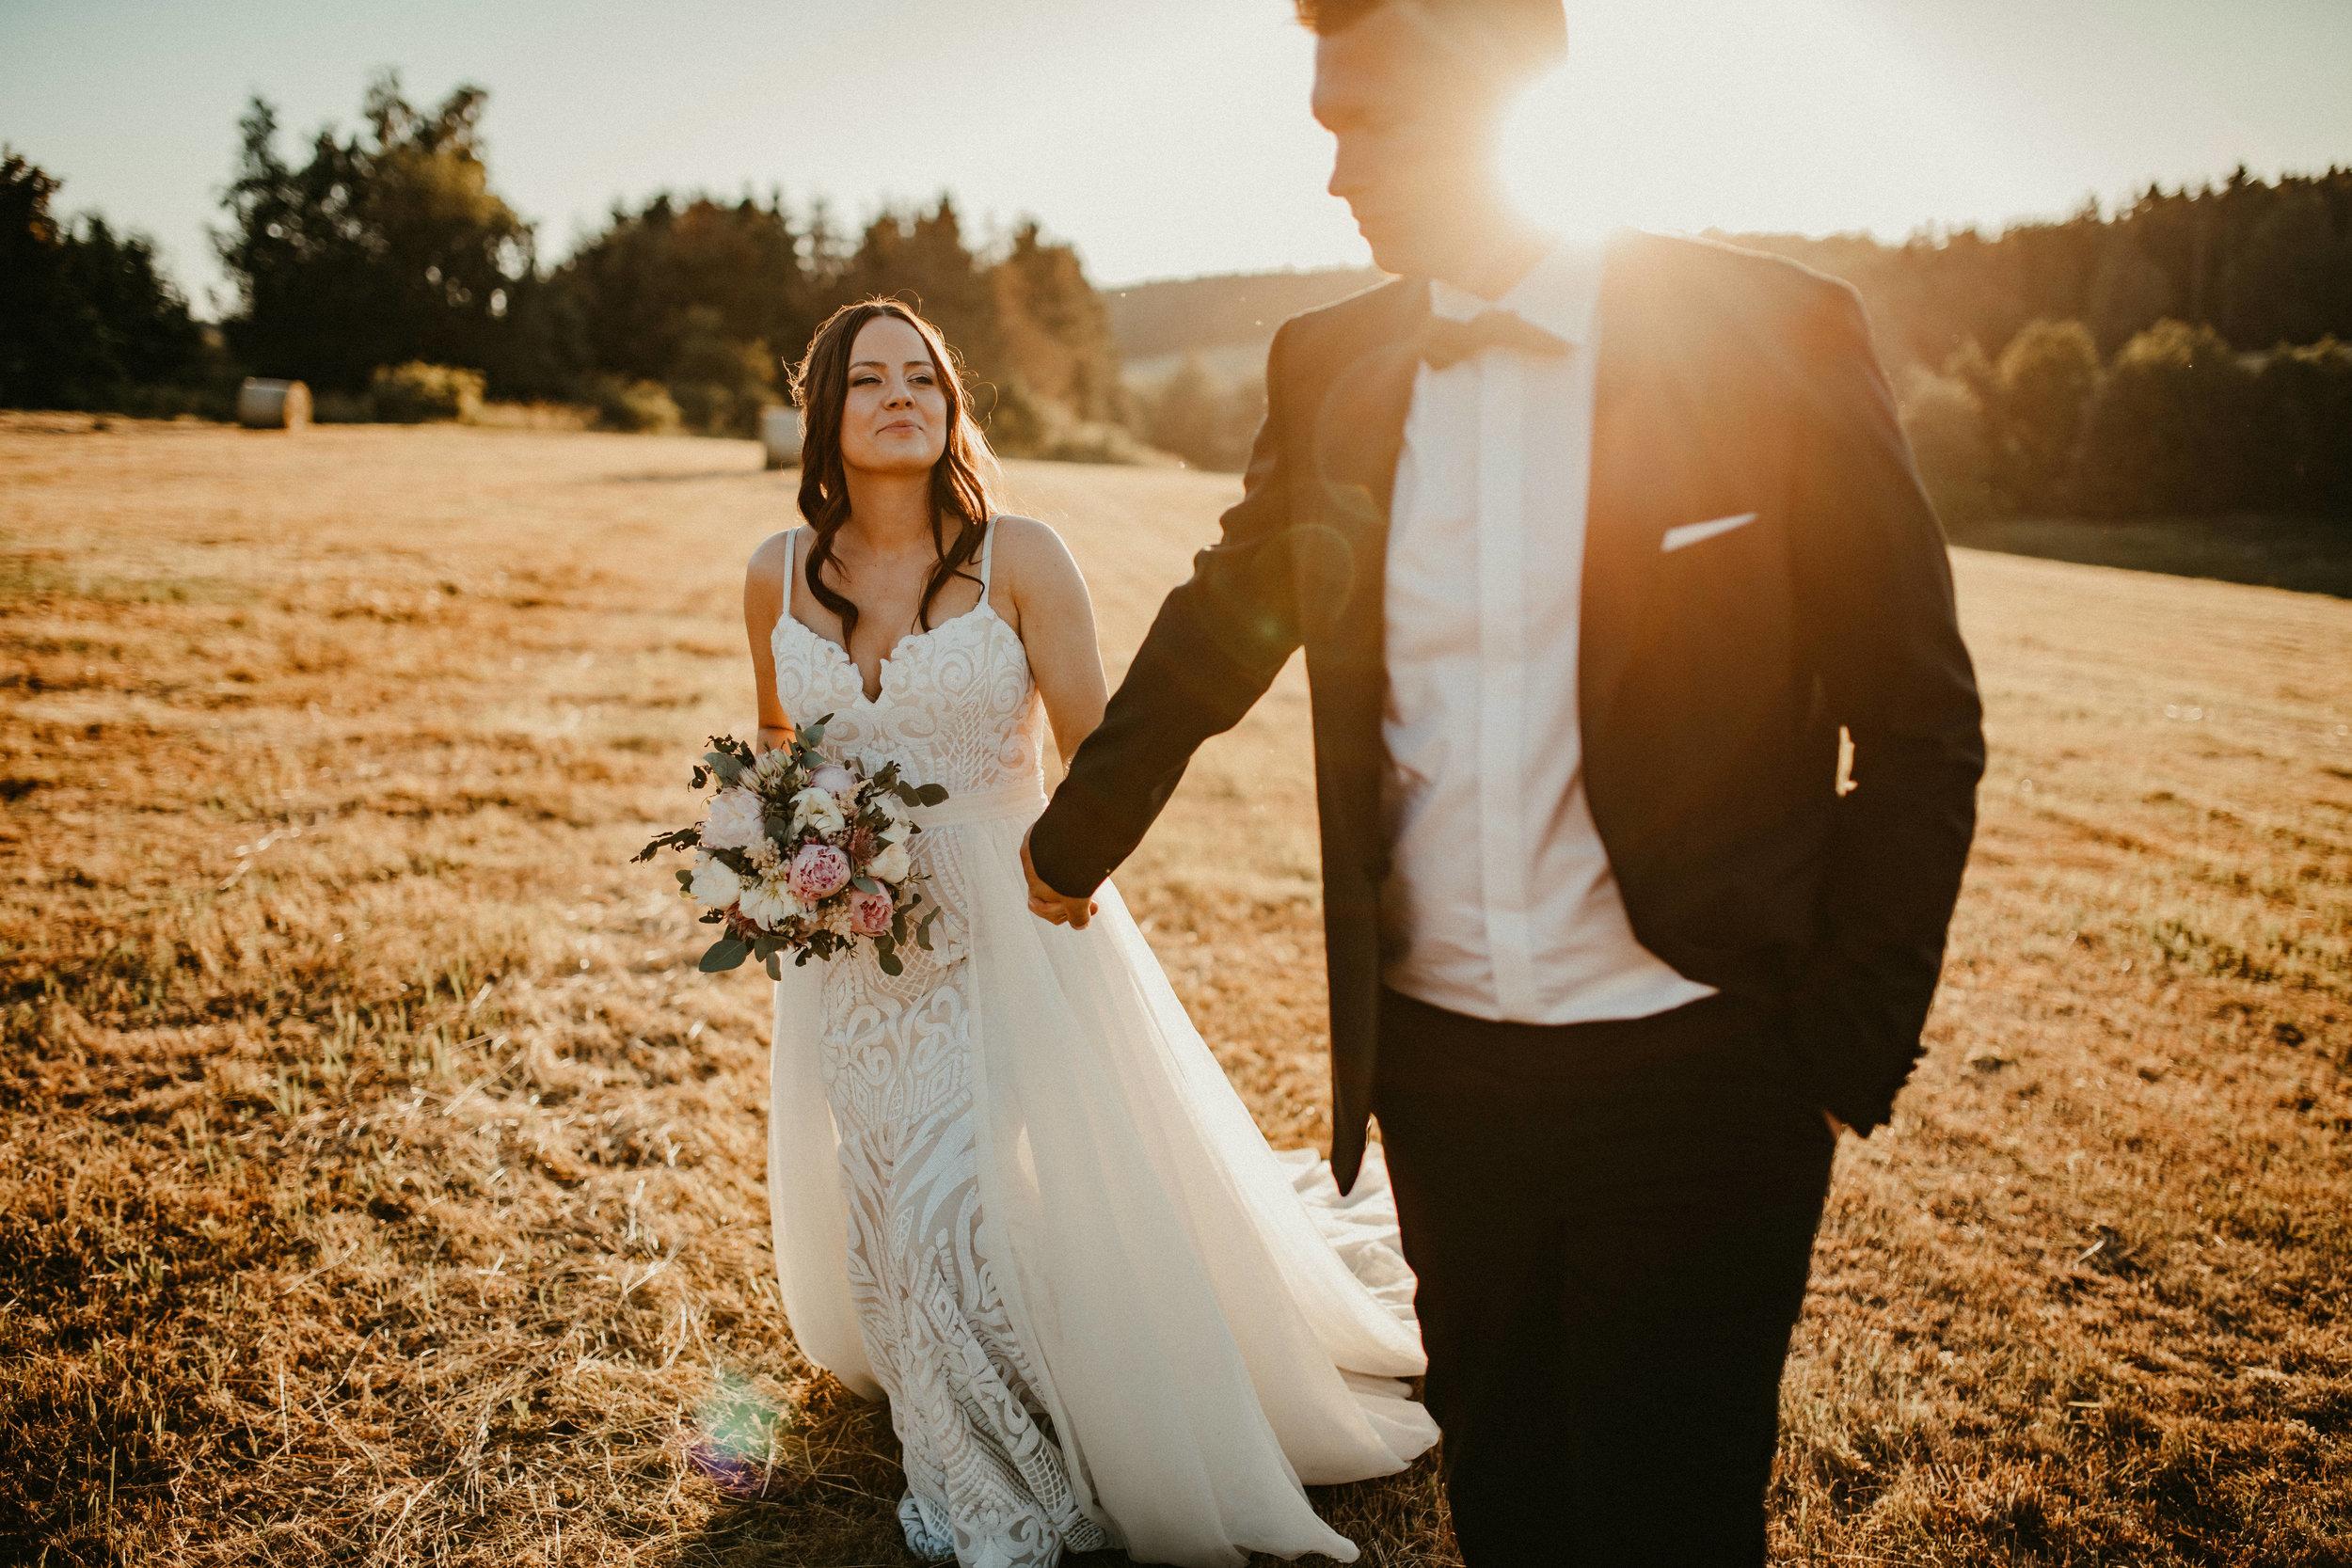 lisa & DANIEL - Vintage Wedding im Naturresort, Südharz